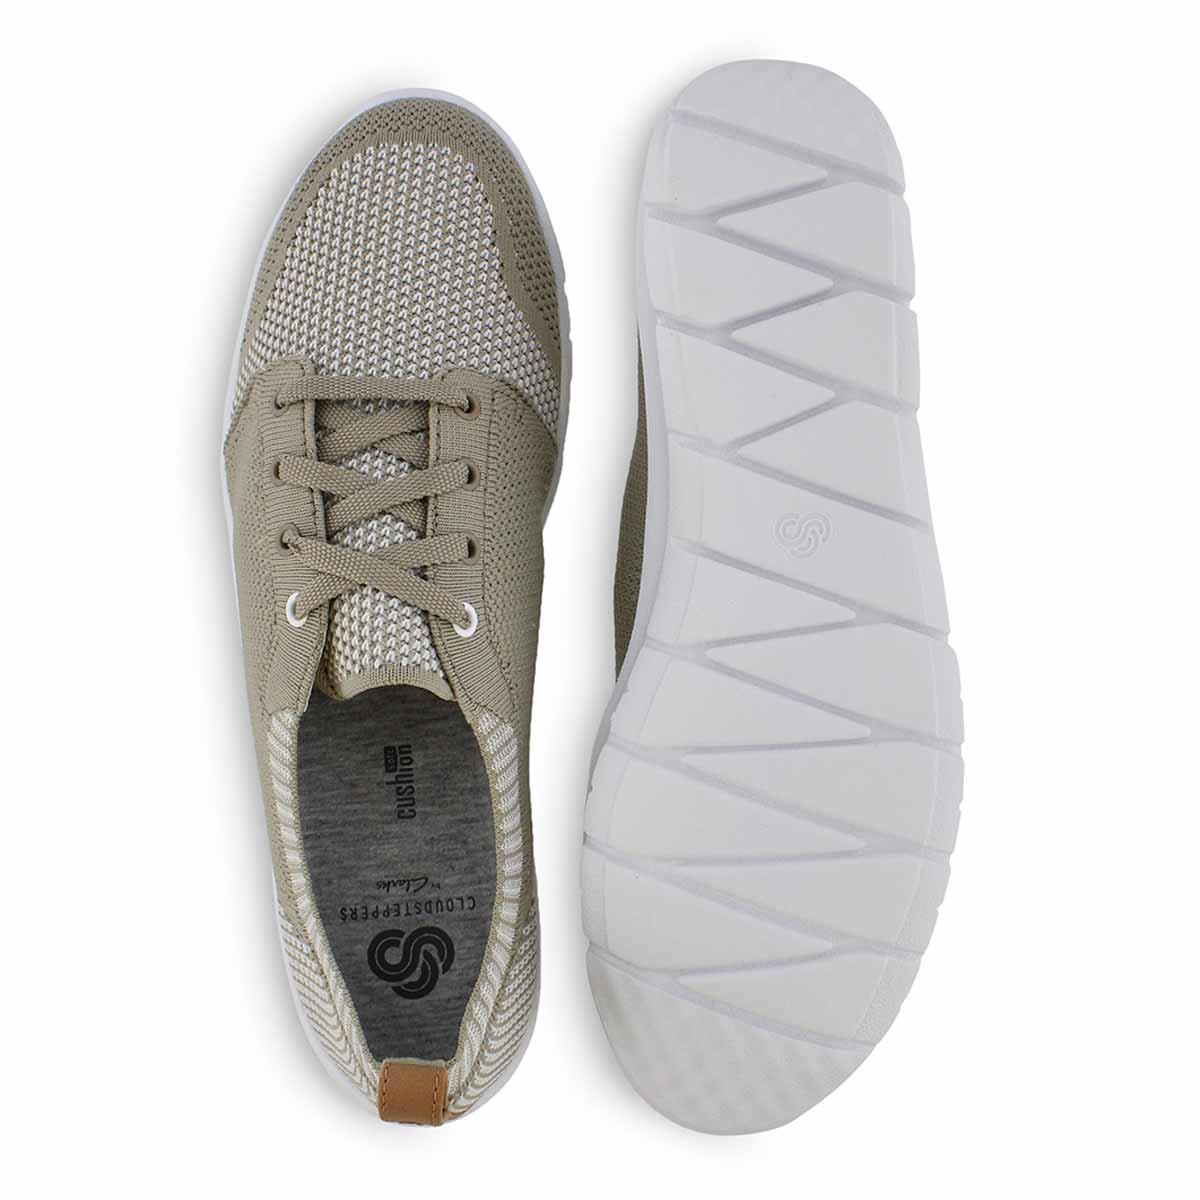 Lds Step Allena Sun snd casual shoe